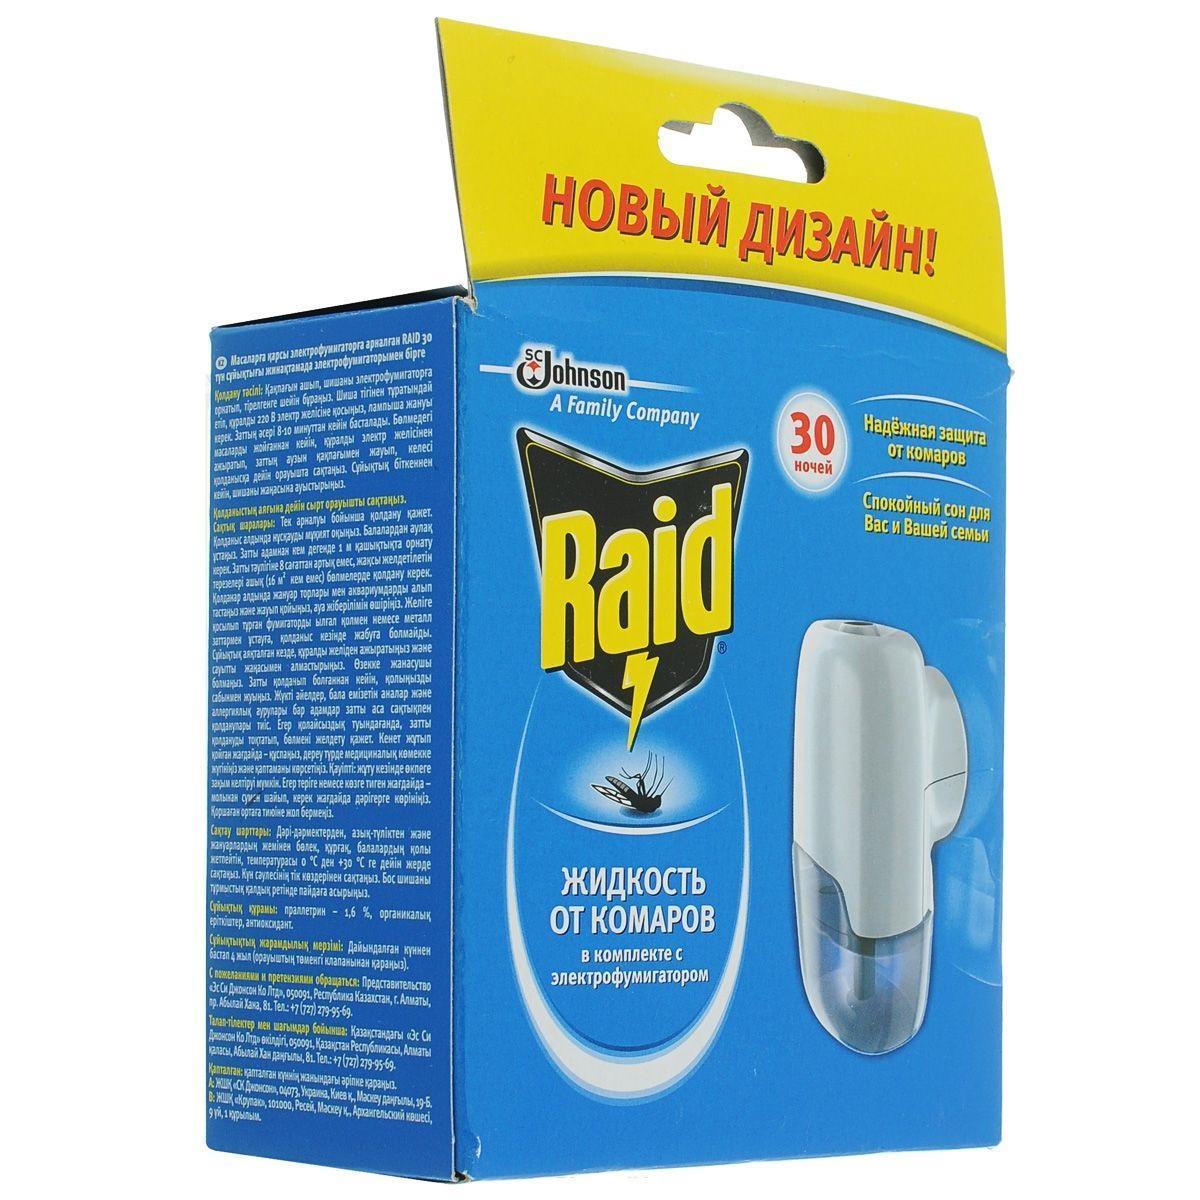 Фумигатор от комаров Raid + жидкость, 30 ночейBH-SI0439-WWФумигатор от комаров Raid используется для уничтожения комаров и других летающих кровососущих насекомых в помещениях до 20 кв.м. Такой фумигатор имеет поворотную вилку, позволяющую использовать даже в неудобно расположенных розетках. Усовершенствованная конструкция фумигатора обеспечивает равномерное нагревание и испарение действующего вещества.